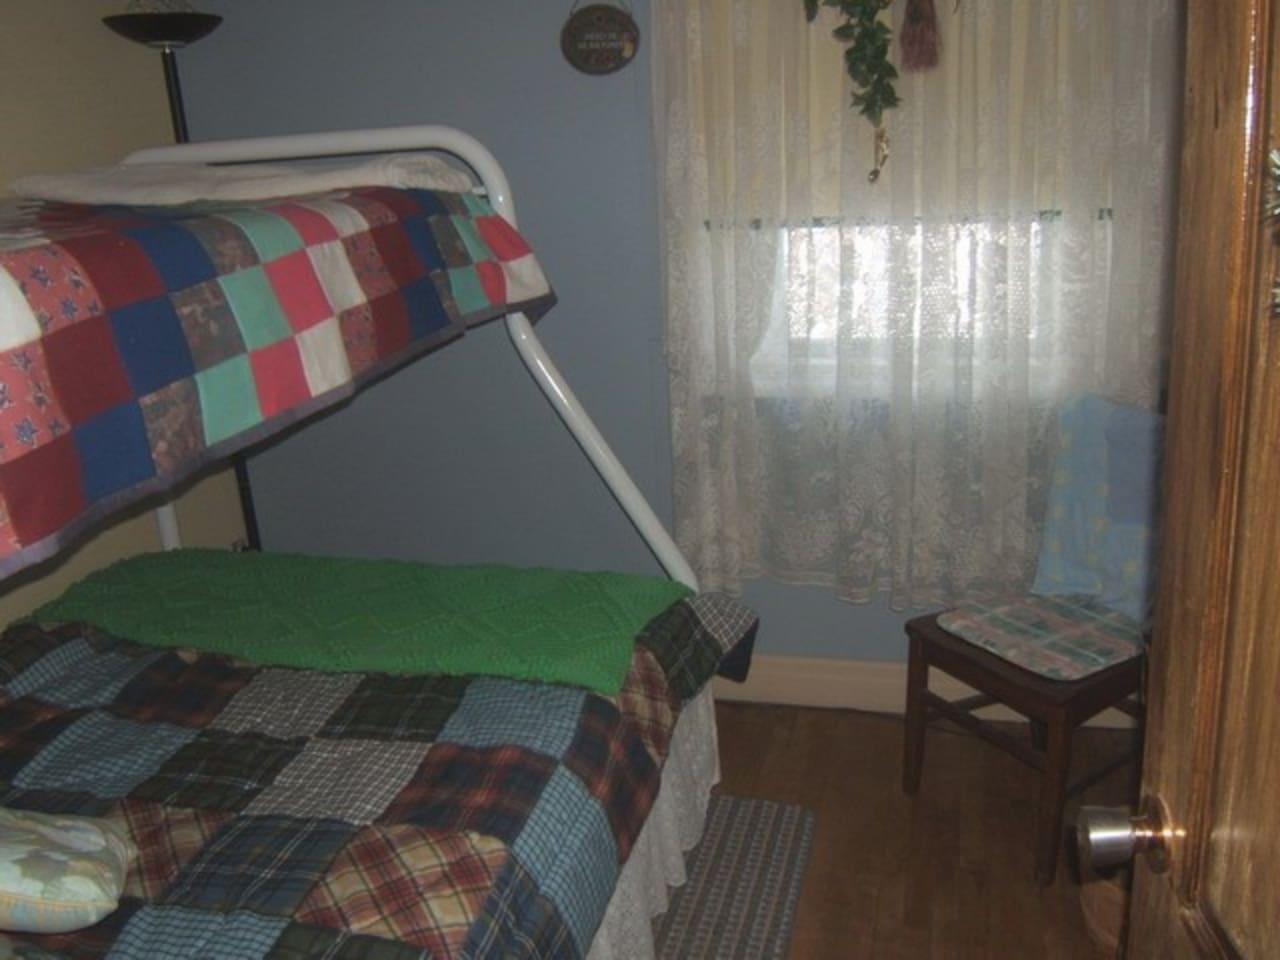 3 - Chambre, lit superposé (54 et 39 pouces)